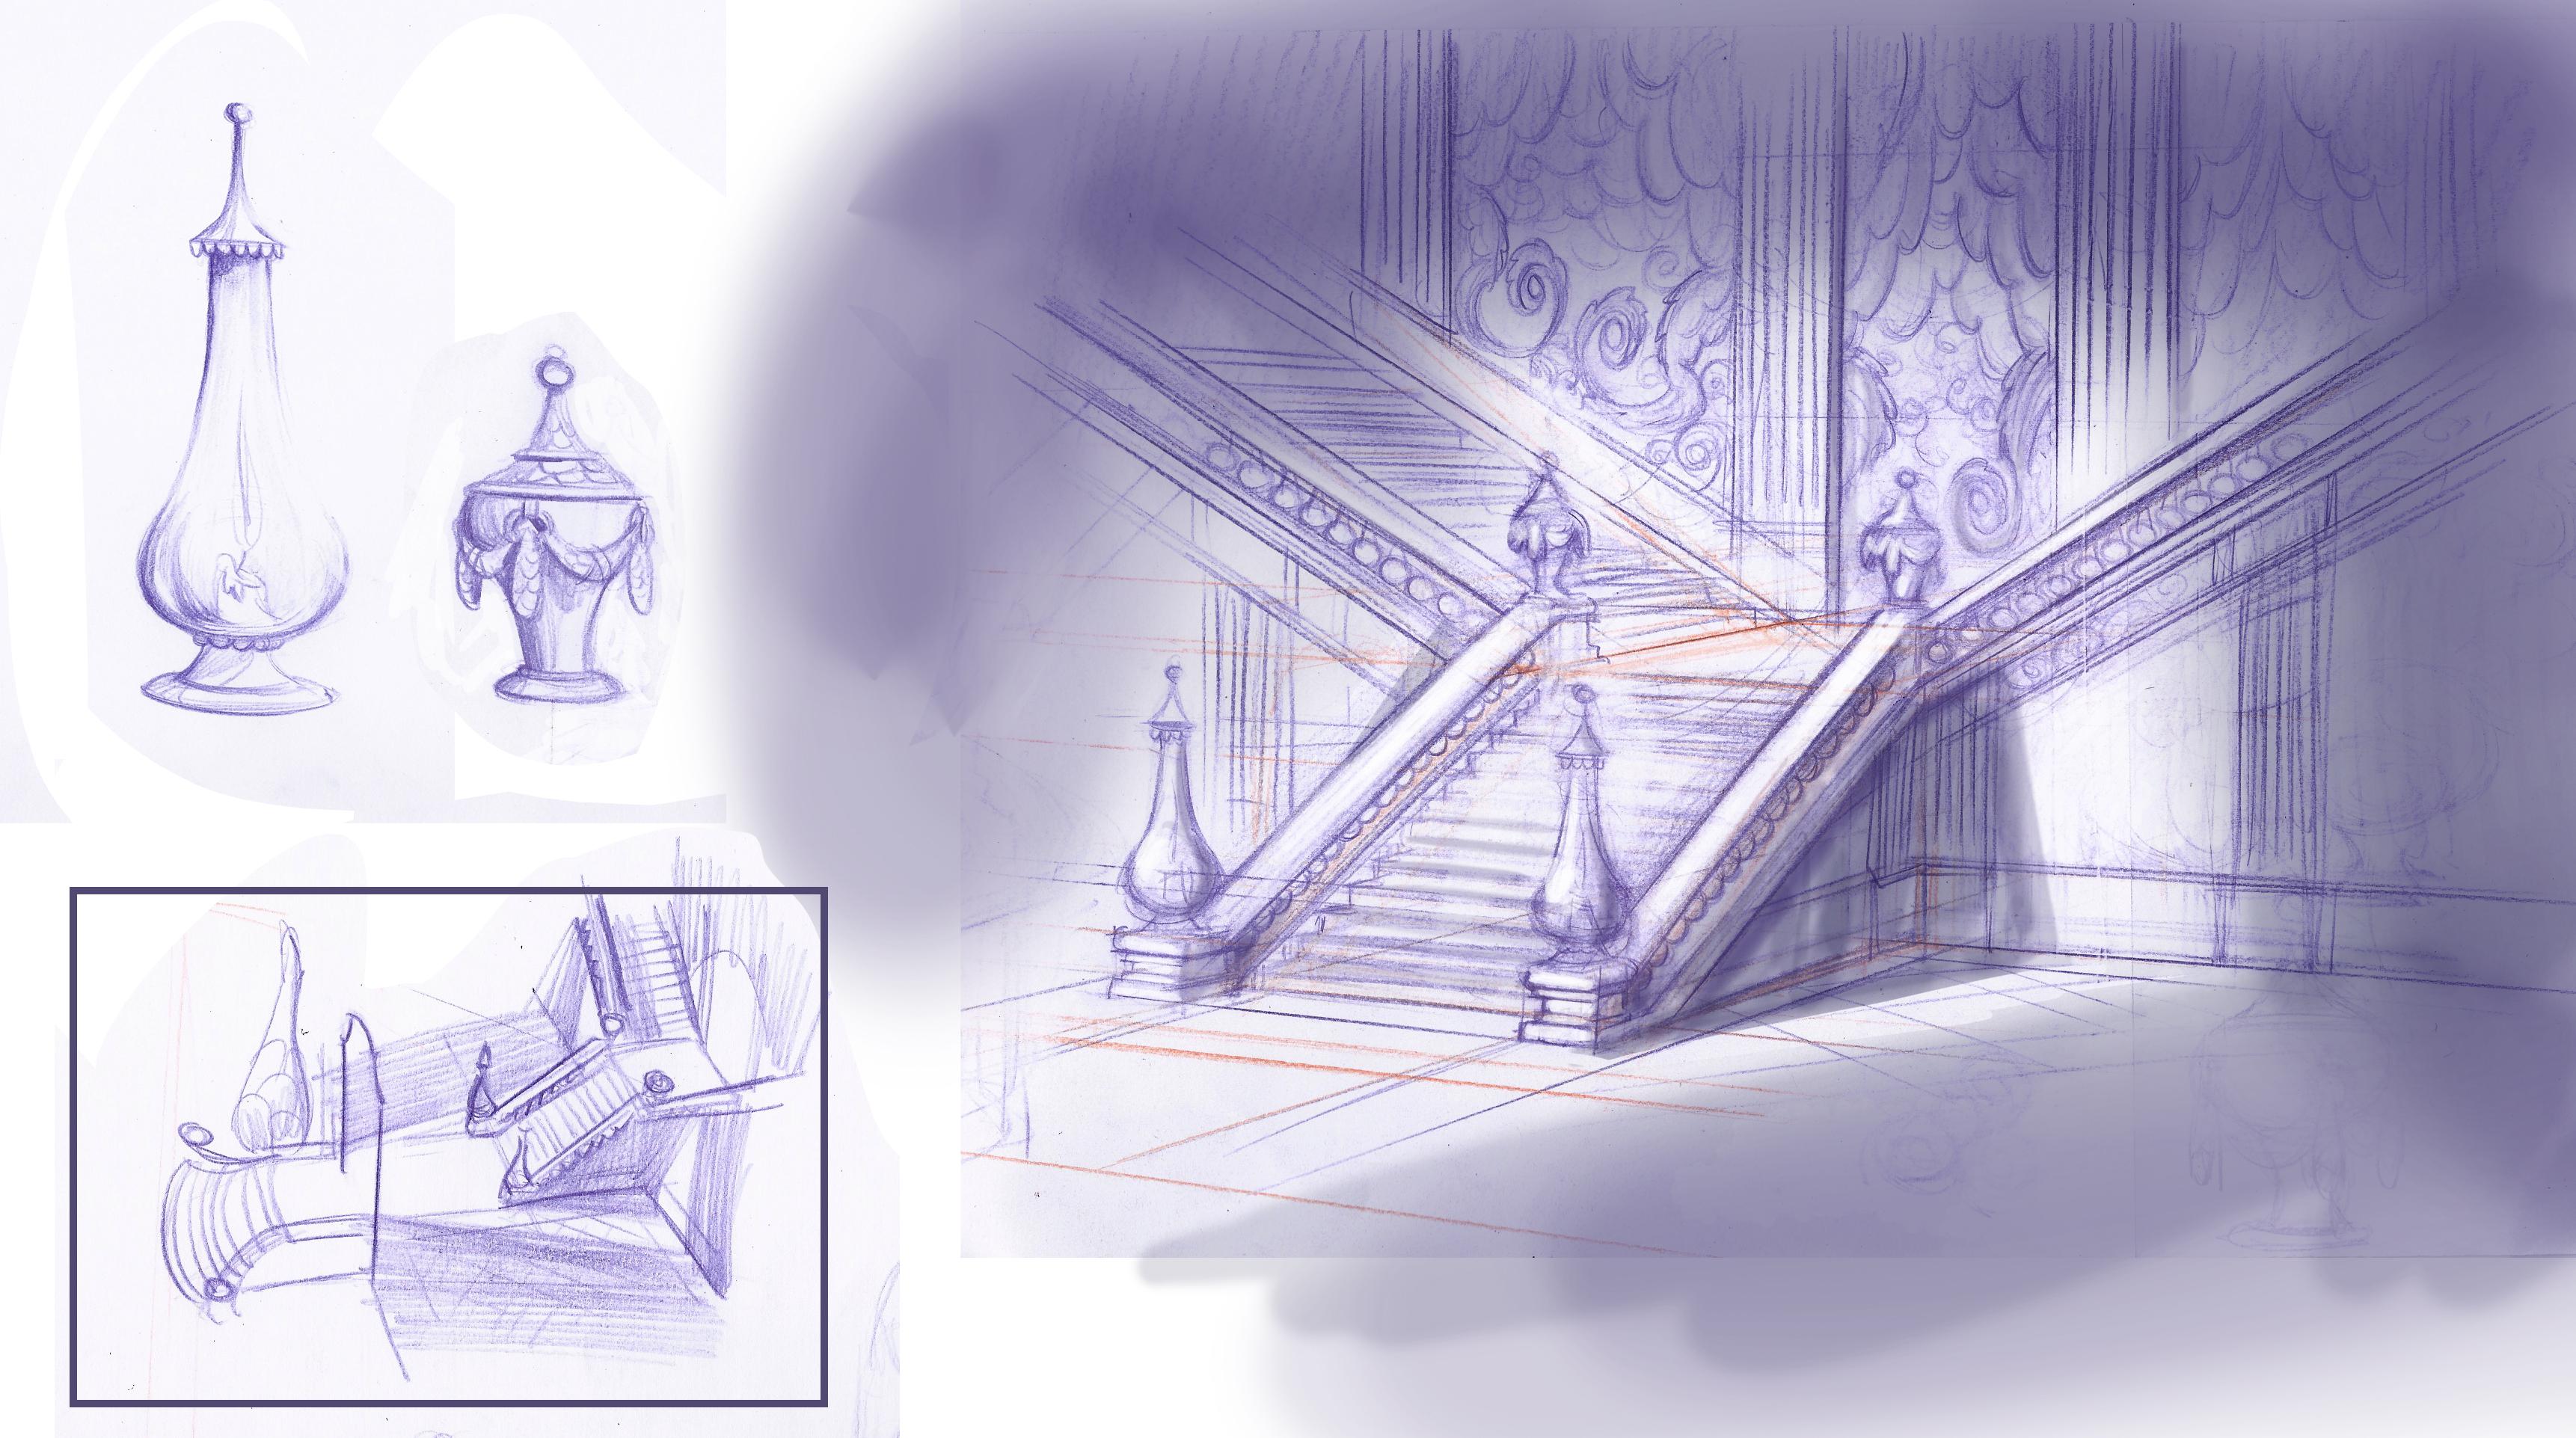 SE_064_120327_staircase_HD